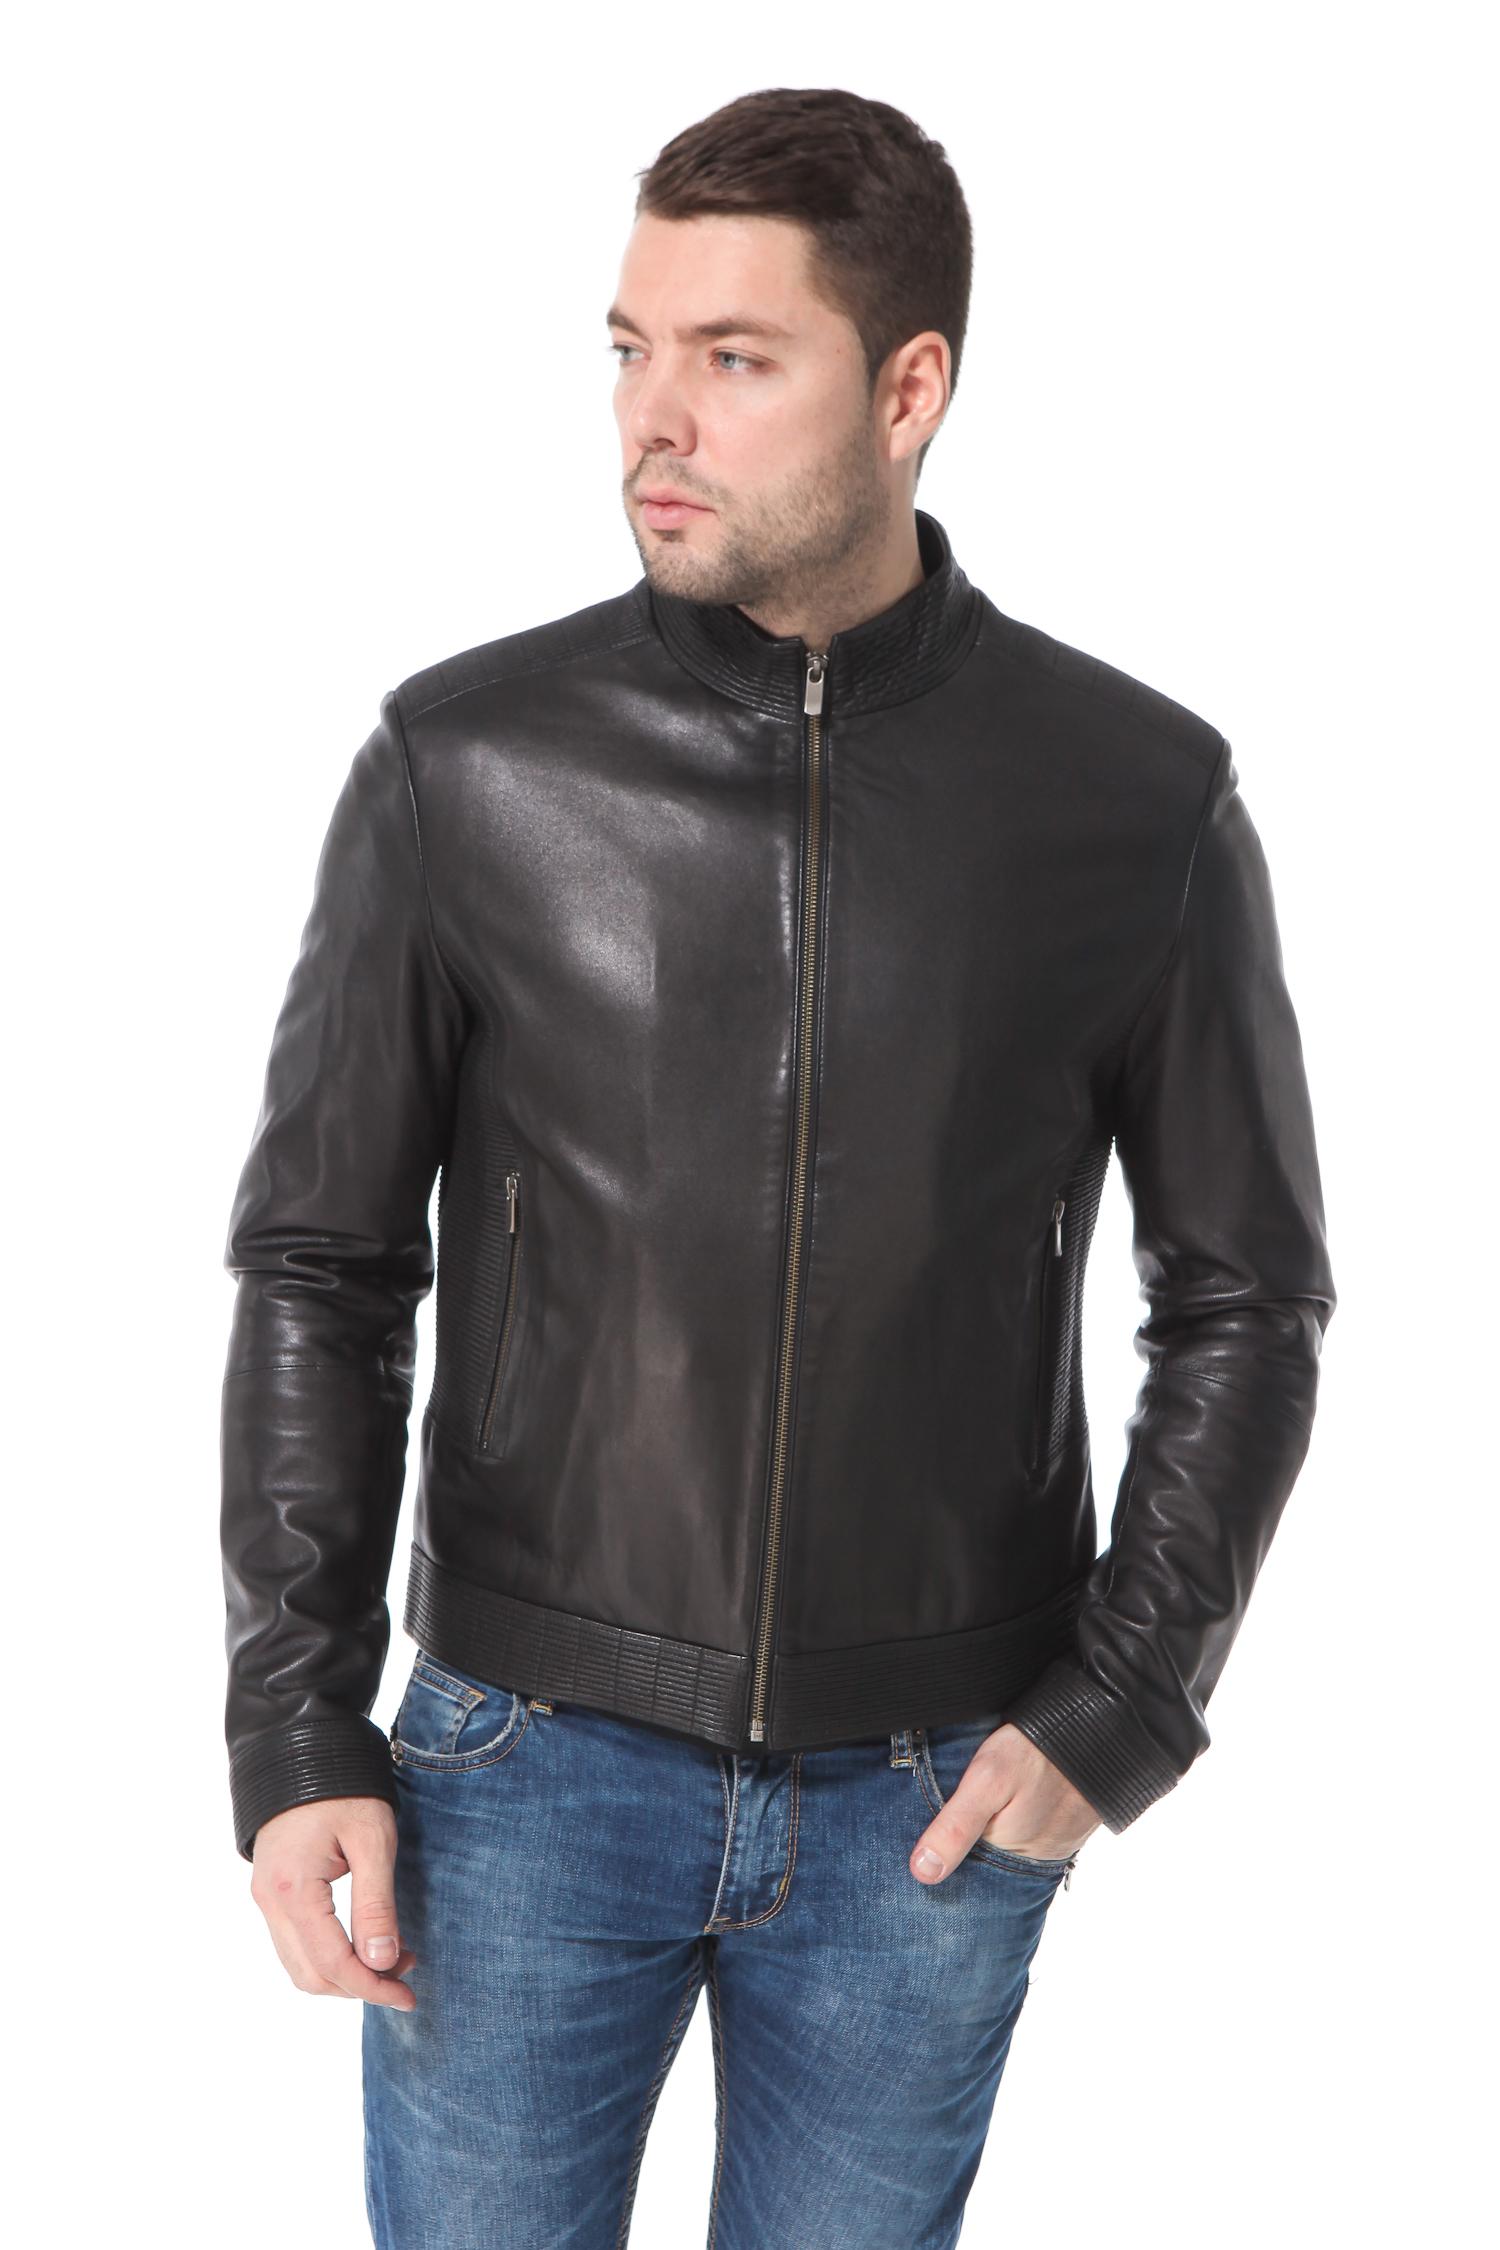 Мужская кожаная куртка из натуральной кожи с воротником, без отделки<br><br>Воротник: Стойка<br>Длина см: 65<br>Материал: Плонже<br>Цвет: Черный<br>Пол: Мужской